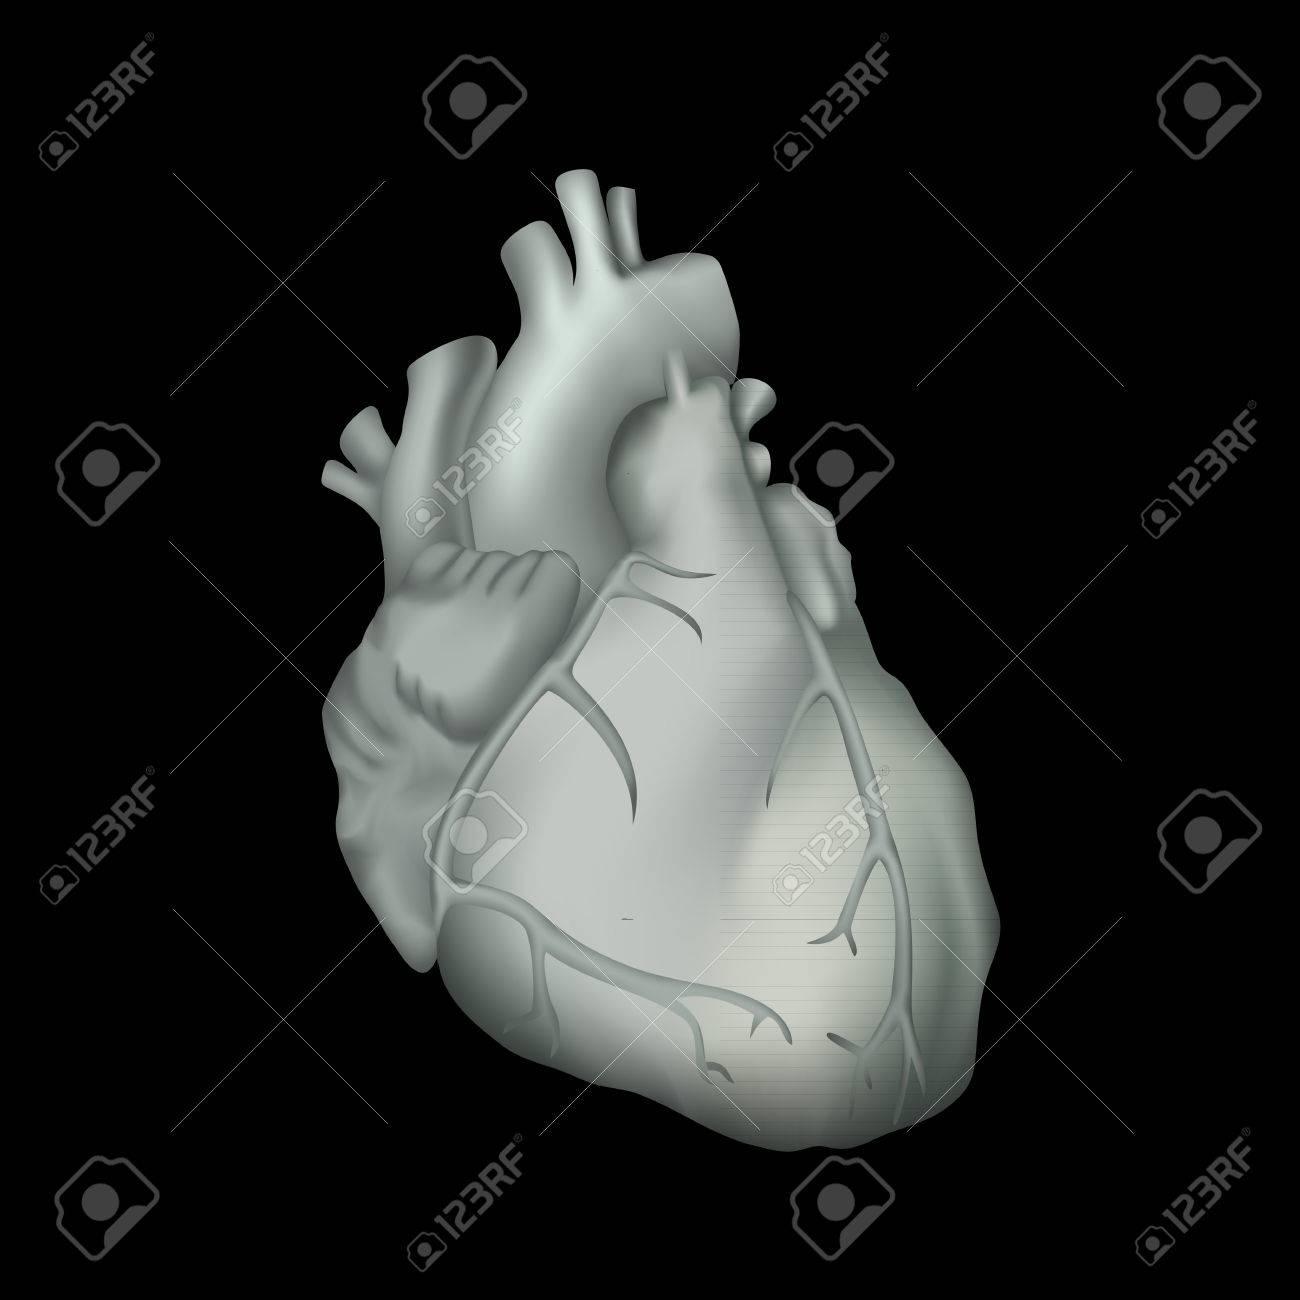 Corazón Humano. Ilustración De La Anatomía. Imagen Gris, Fondo Negro ...